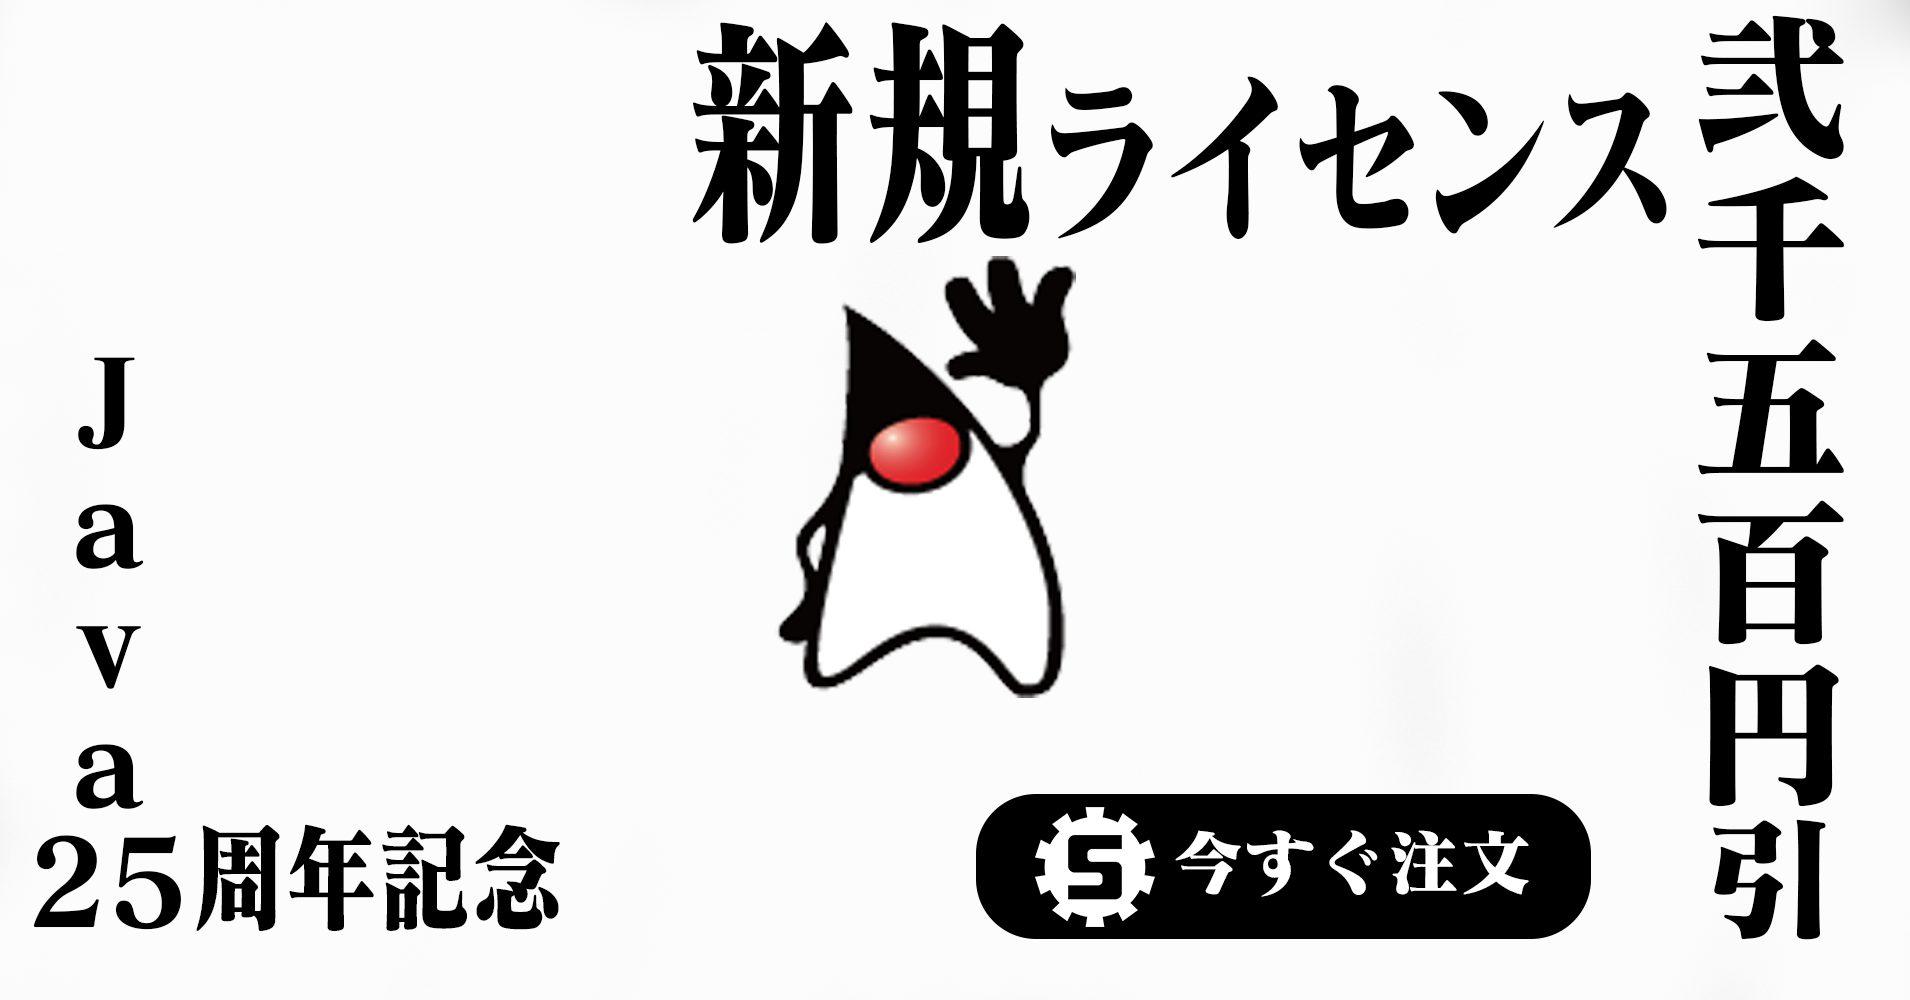 Java 25周年記念 IntelliJ IDEA が期間限定で2500円オフ! #ILOVEDUKE